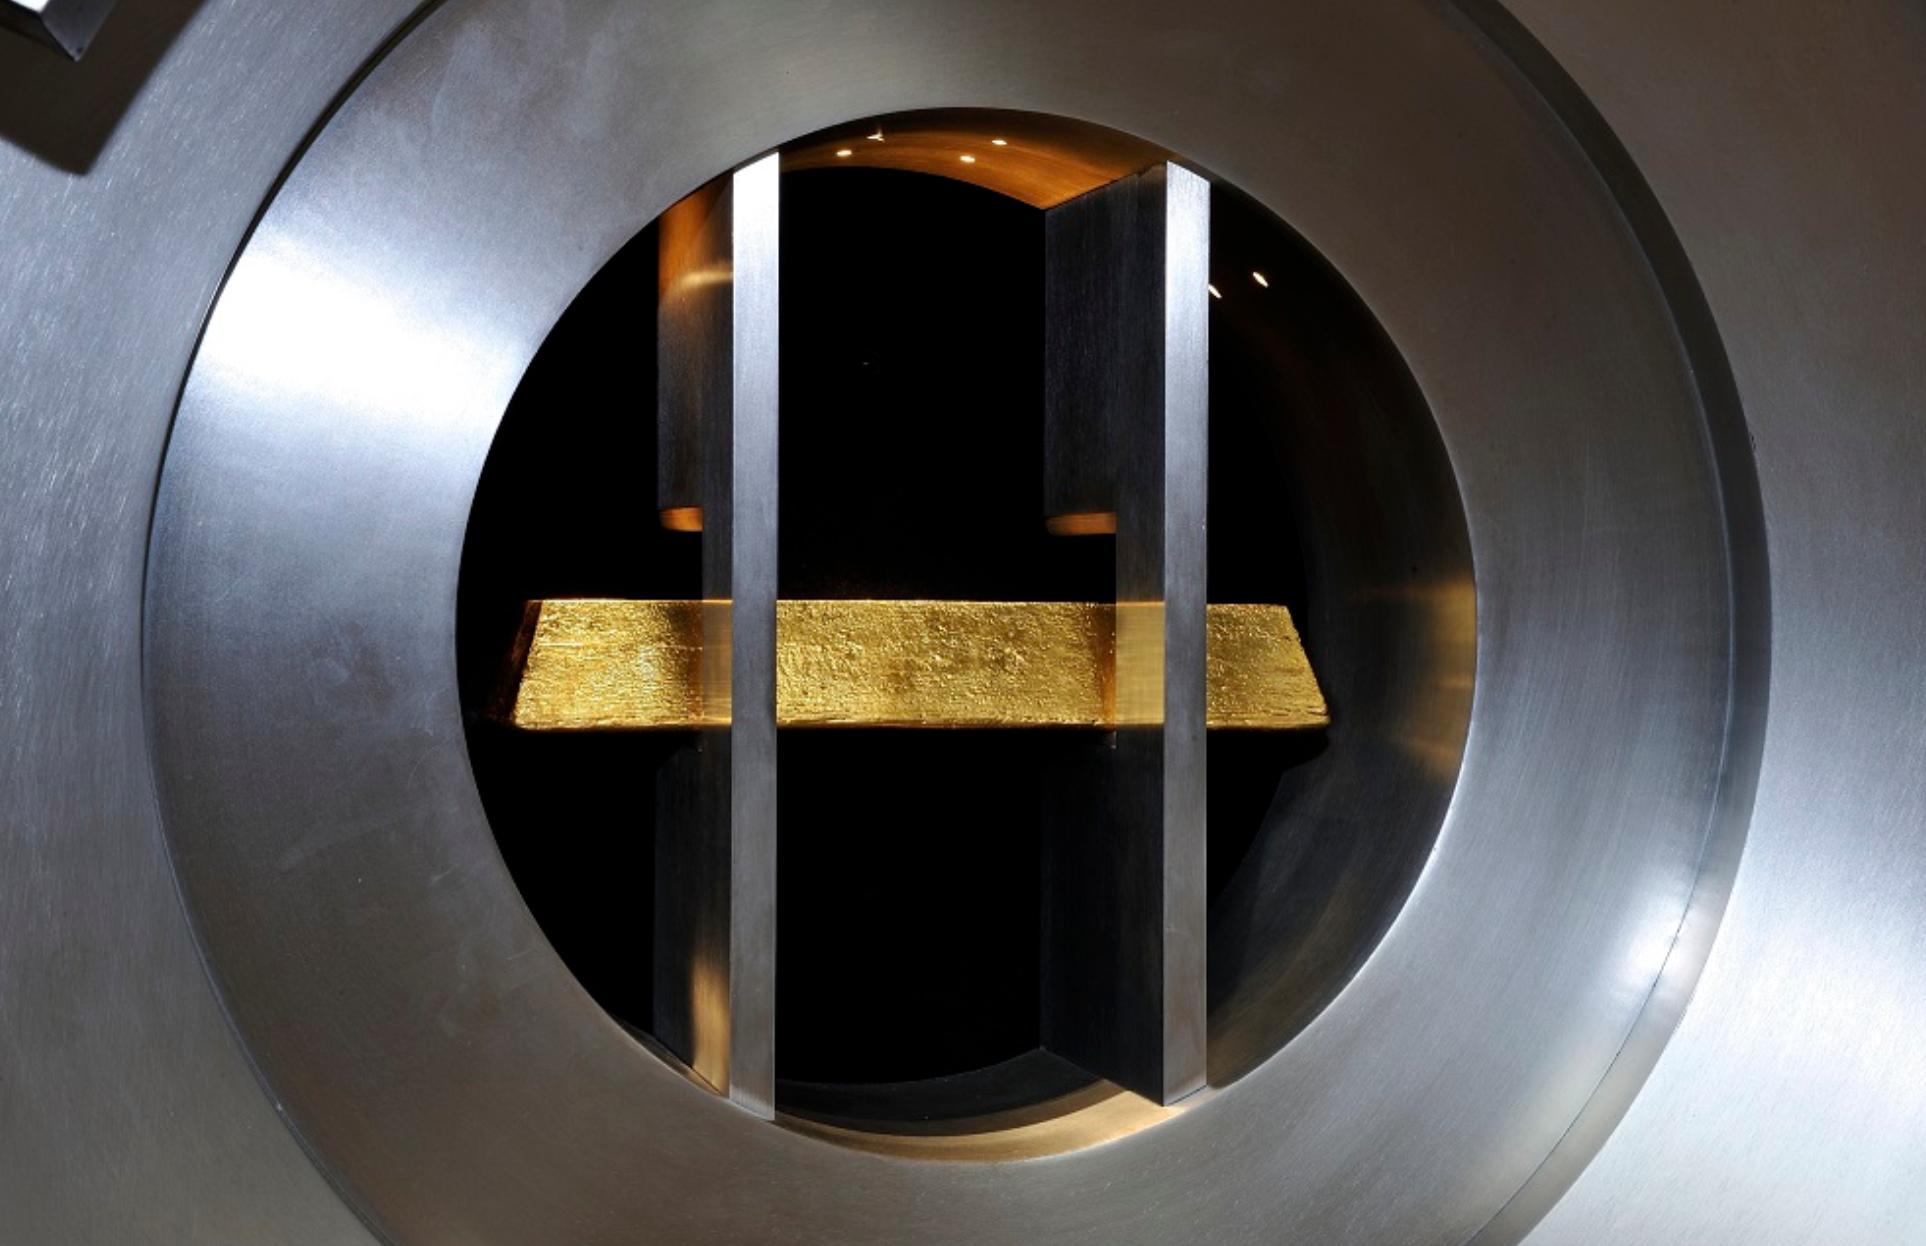 Foto da barra de ouro enquadrada pela porta da antiga casa forte.